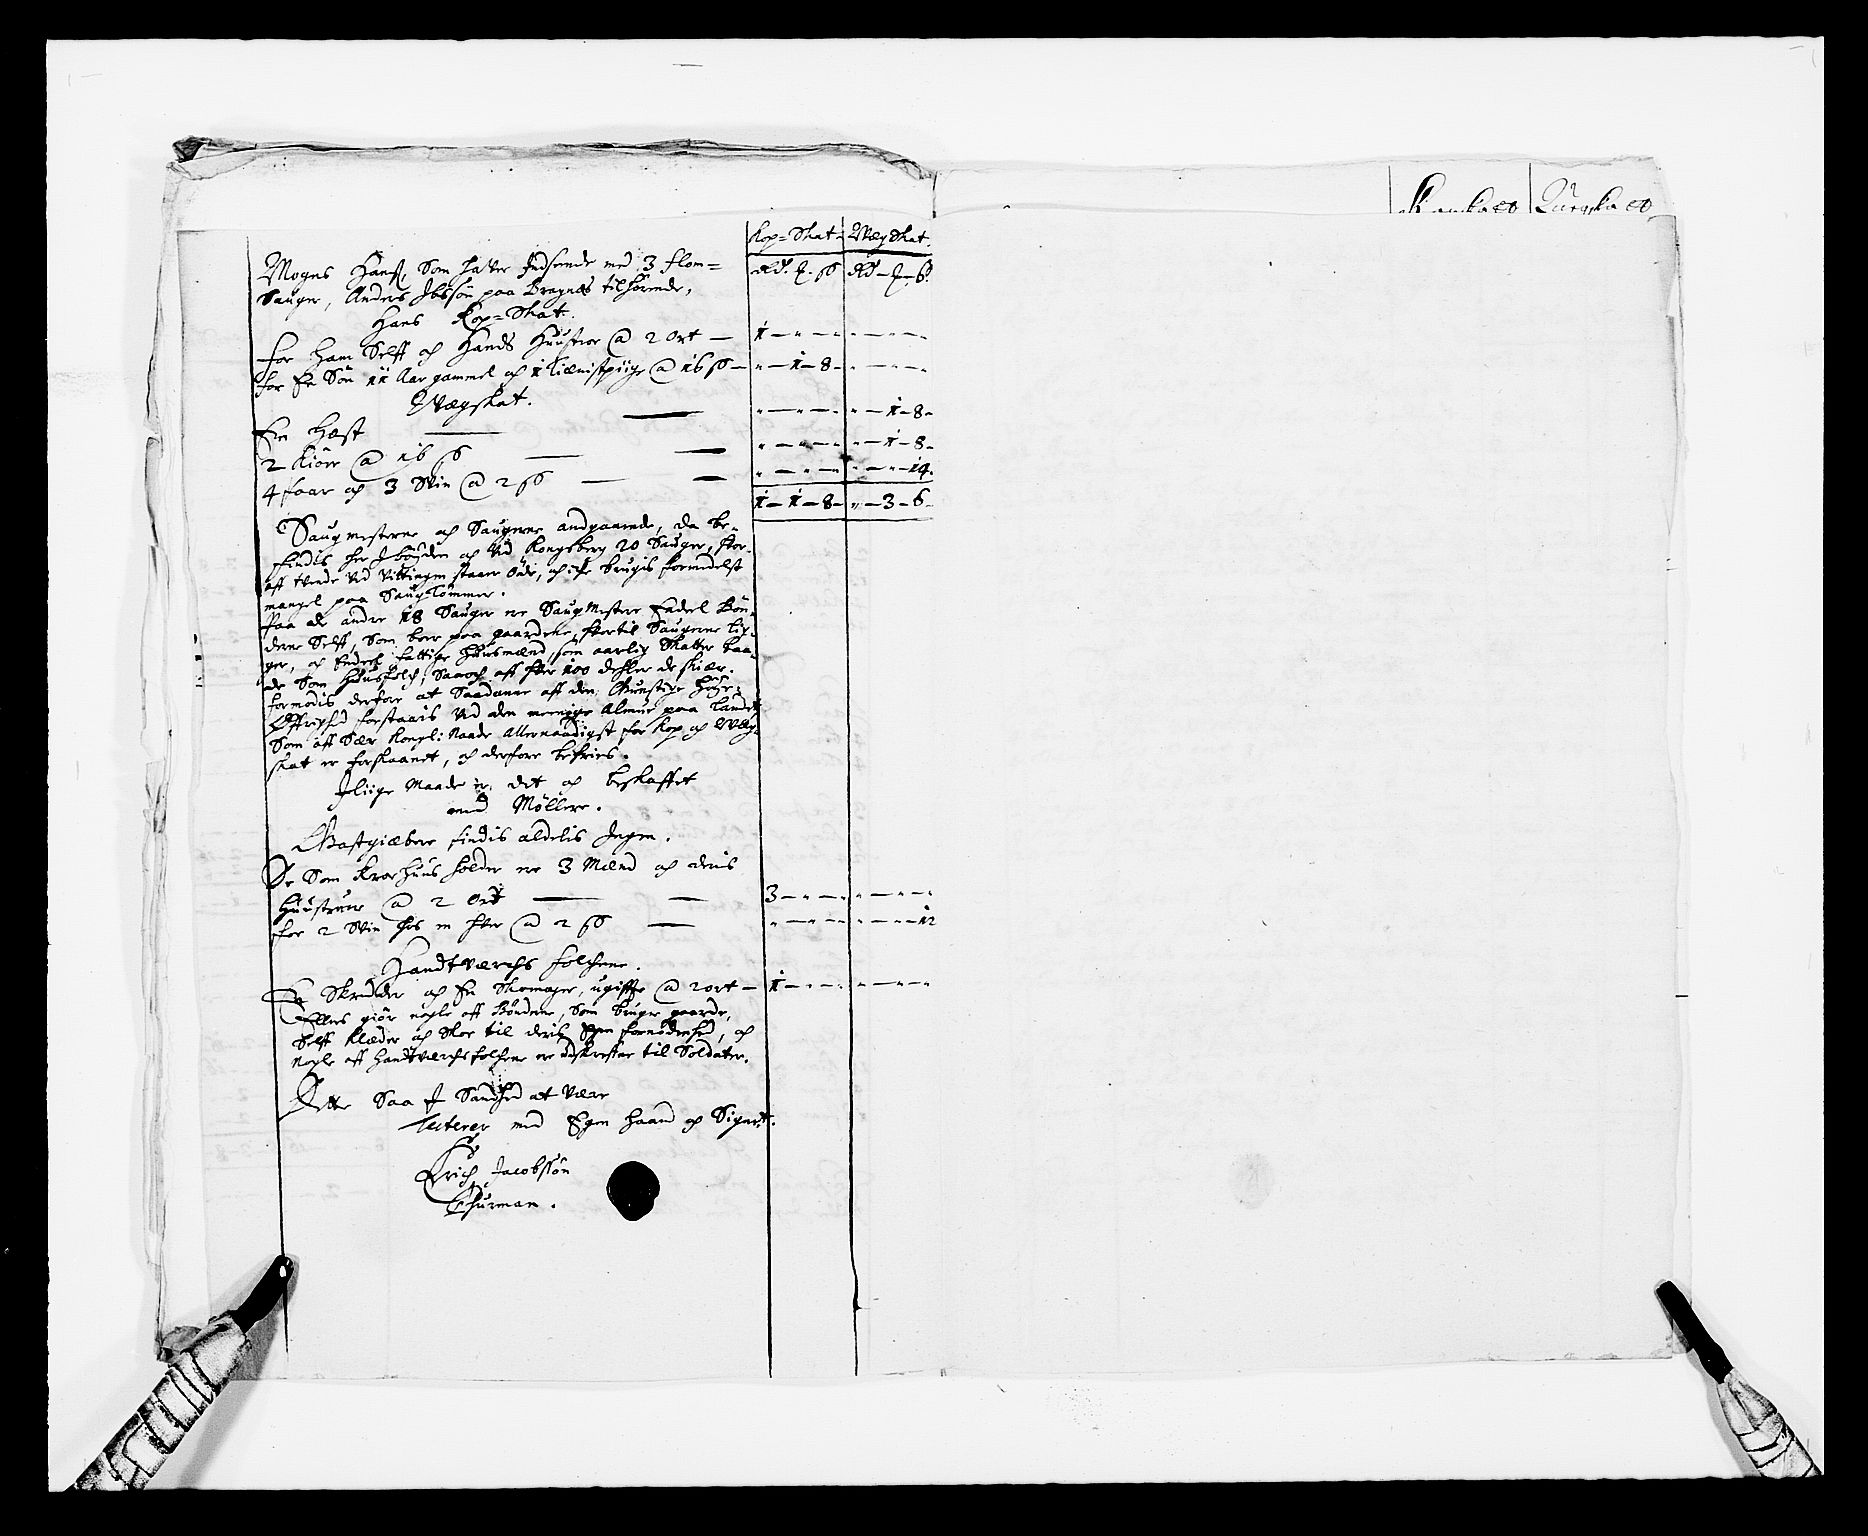 RA, Rentekammeret inntil 1814, Reviderte regnskaper, Fogderegnskap, R24/L1570: Fogderegnskap Numedal og Sandsvær, 1679-1686, s. 357